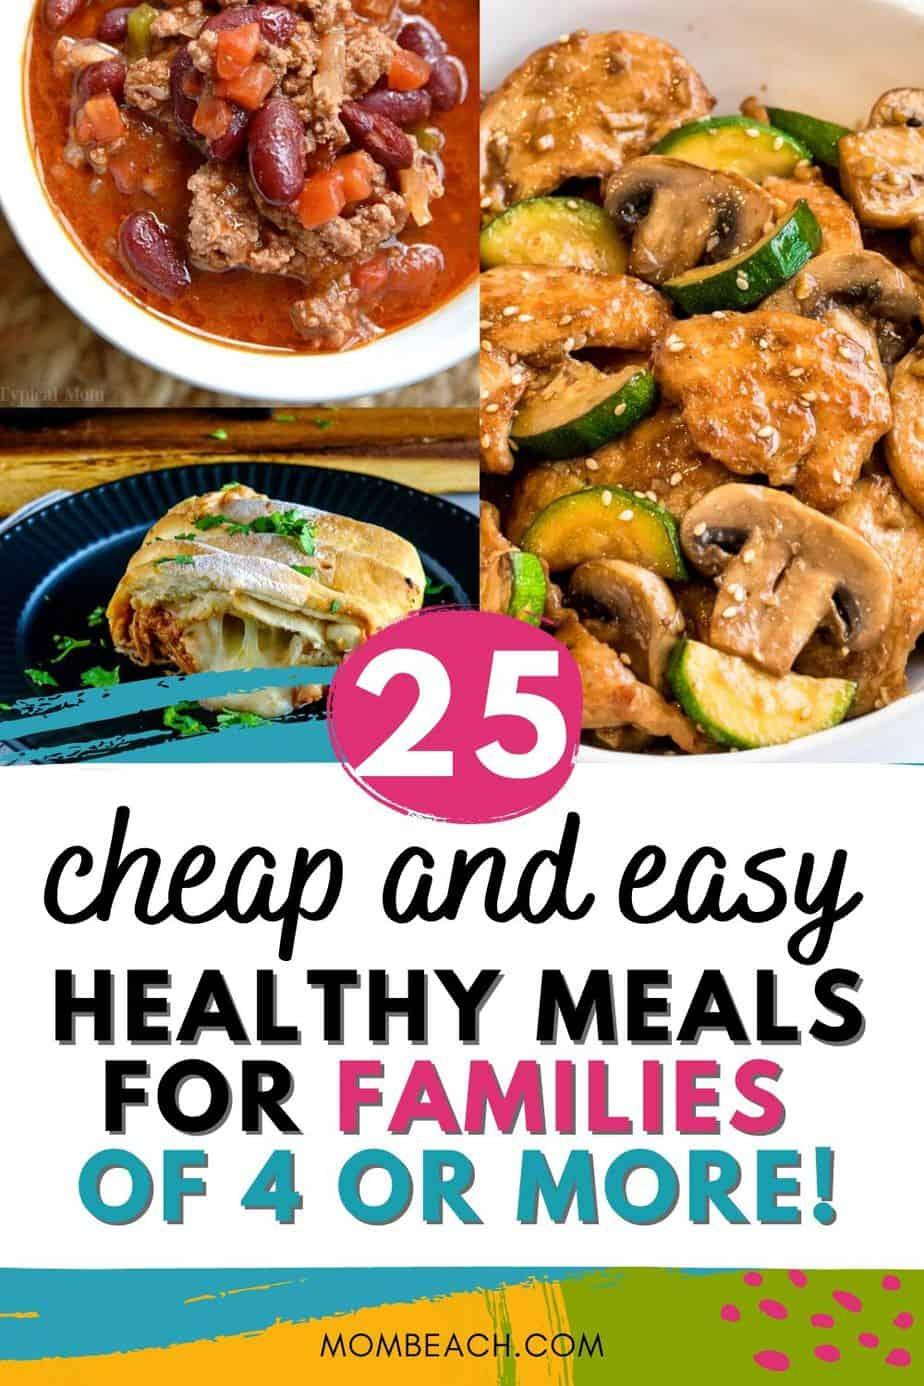 Estas 25 comidas saludables fáciles y económicas para familias son excelentes para estar dentro del presupuesto. Reduzca su presupuesto de comestibles y comience a comer limpio con estas cenas. Es muy fácil comer sano y fresco, en lugar de comer fuera. #cheapeasyhealthymeals #familycheapmeals #budgetmeals #cheapeasymeals #cheapeasyrecipes #cleaneating #healthyrecipes